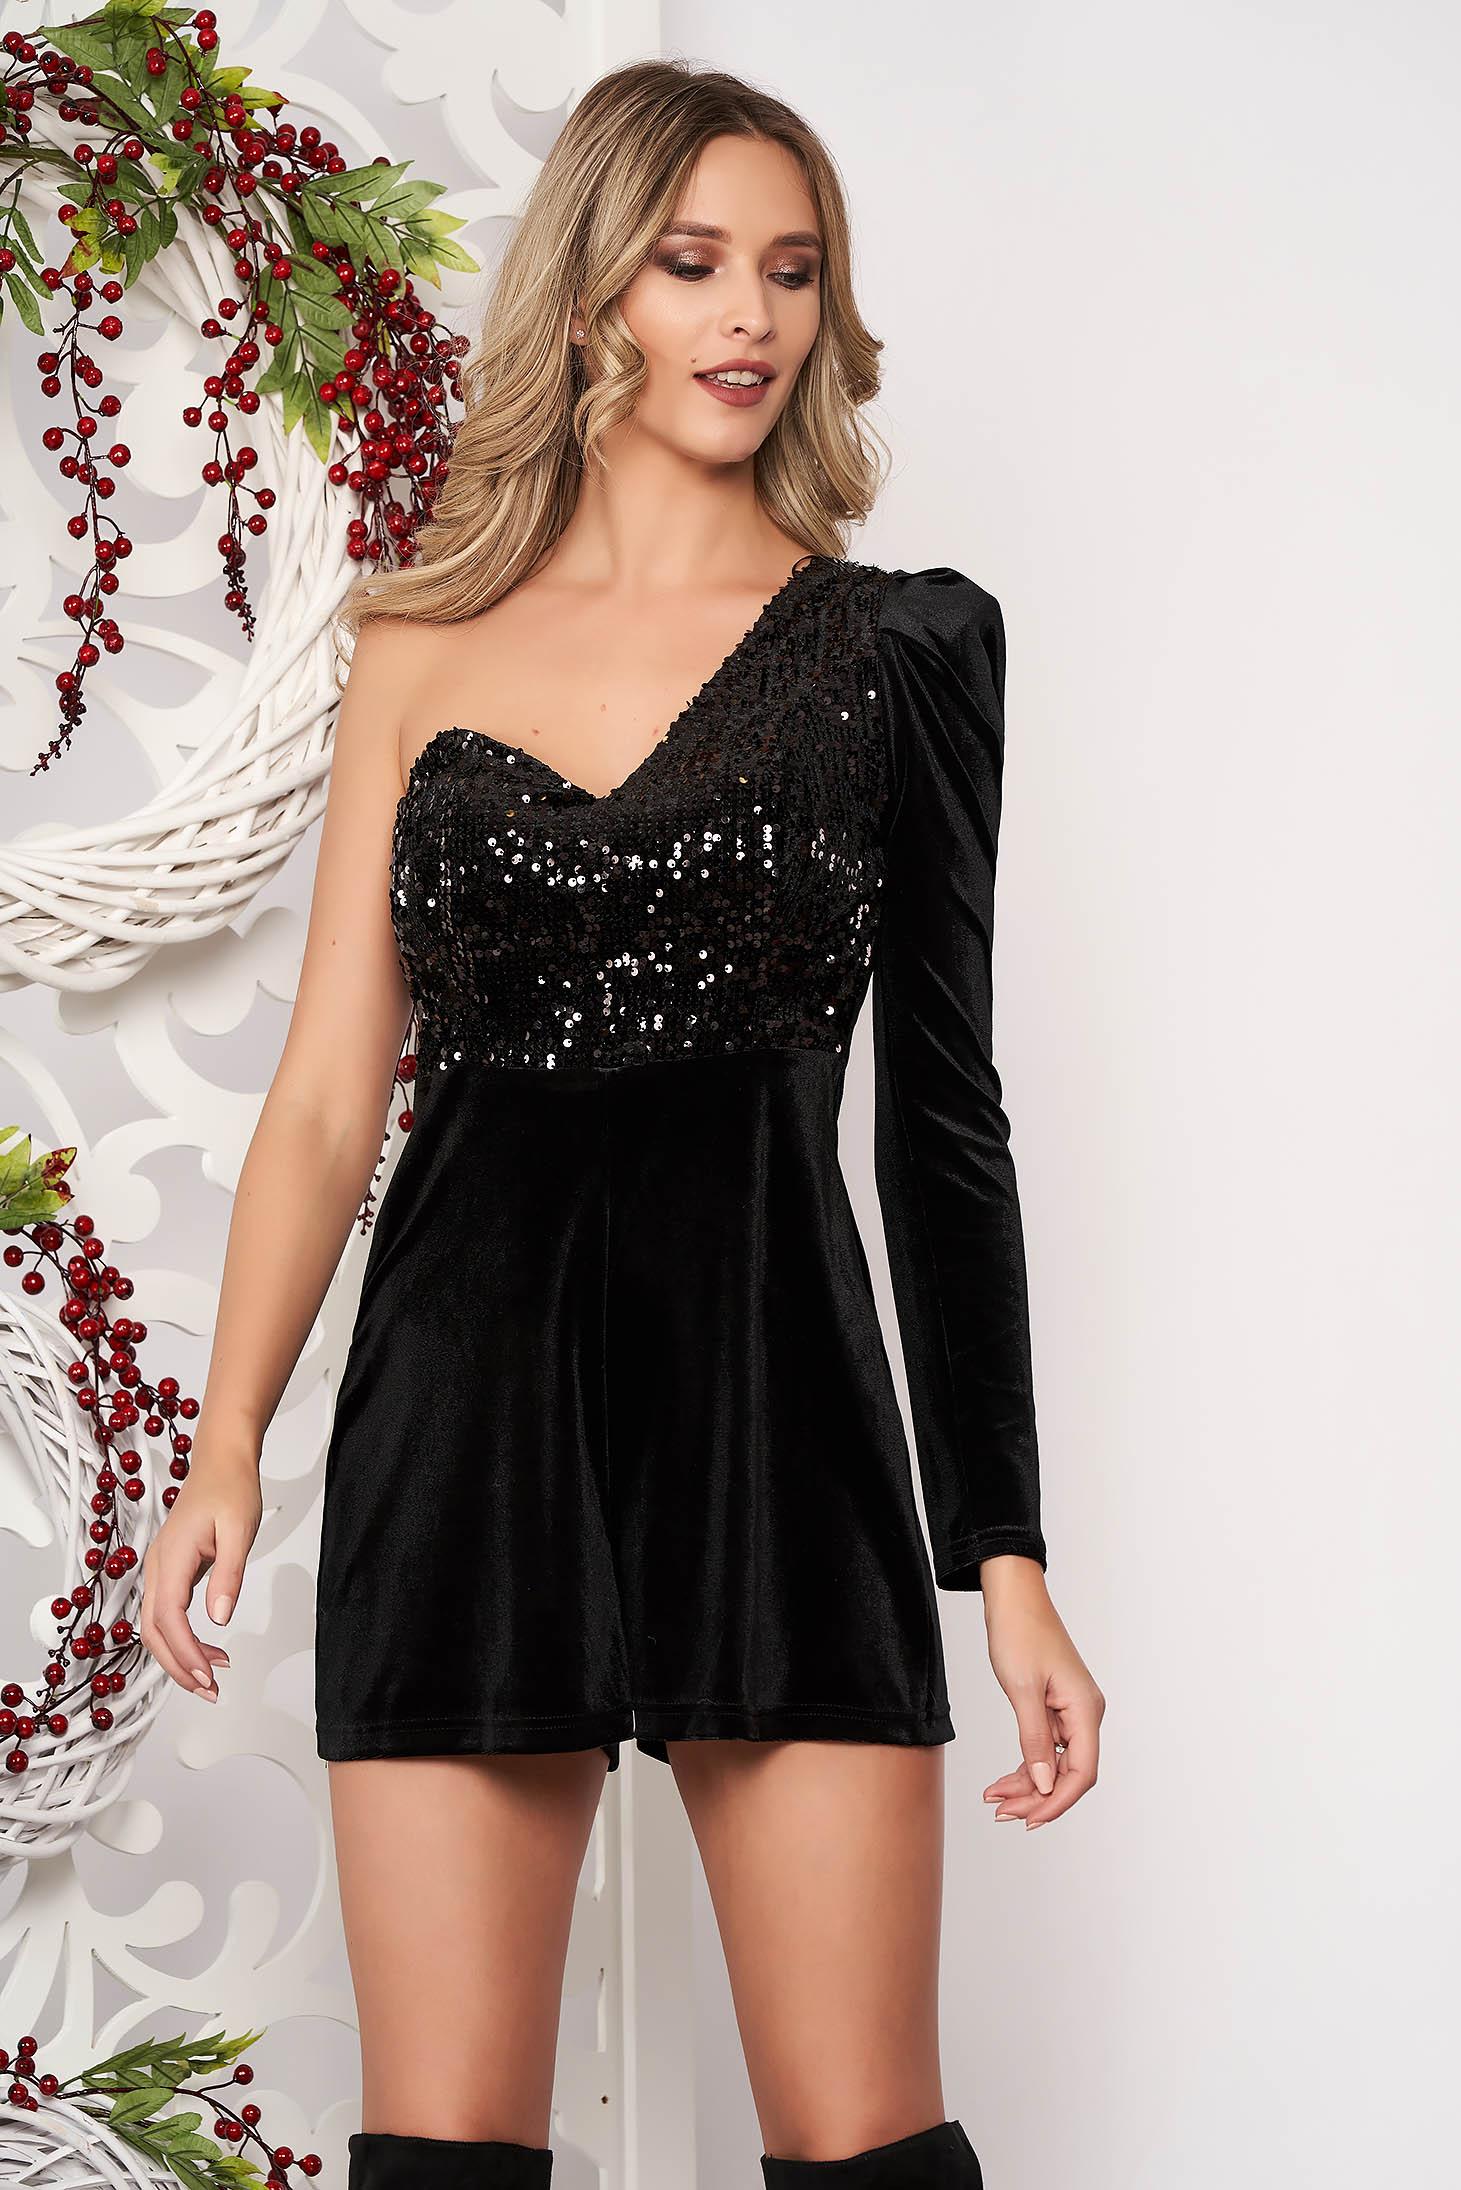 Jumpsuit black one shoulder with sequin embellished details from velvet occasional short cut